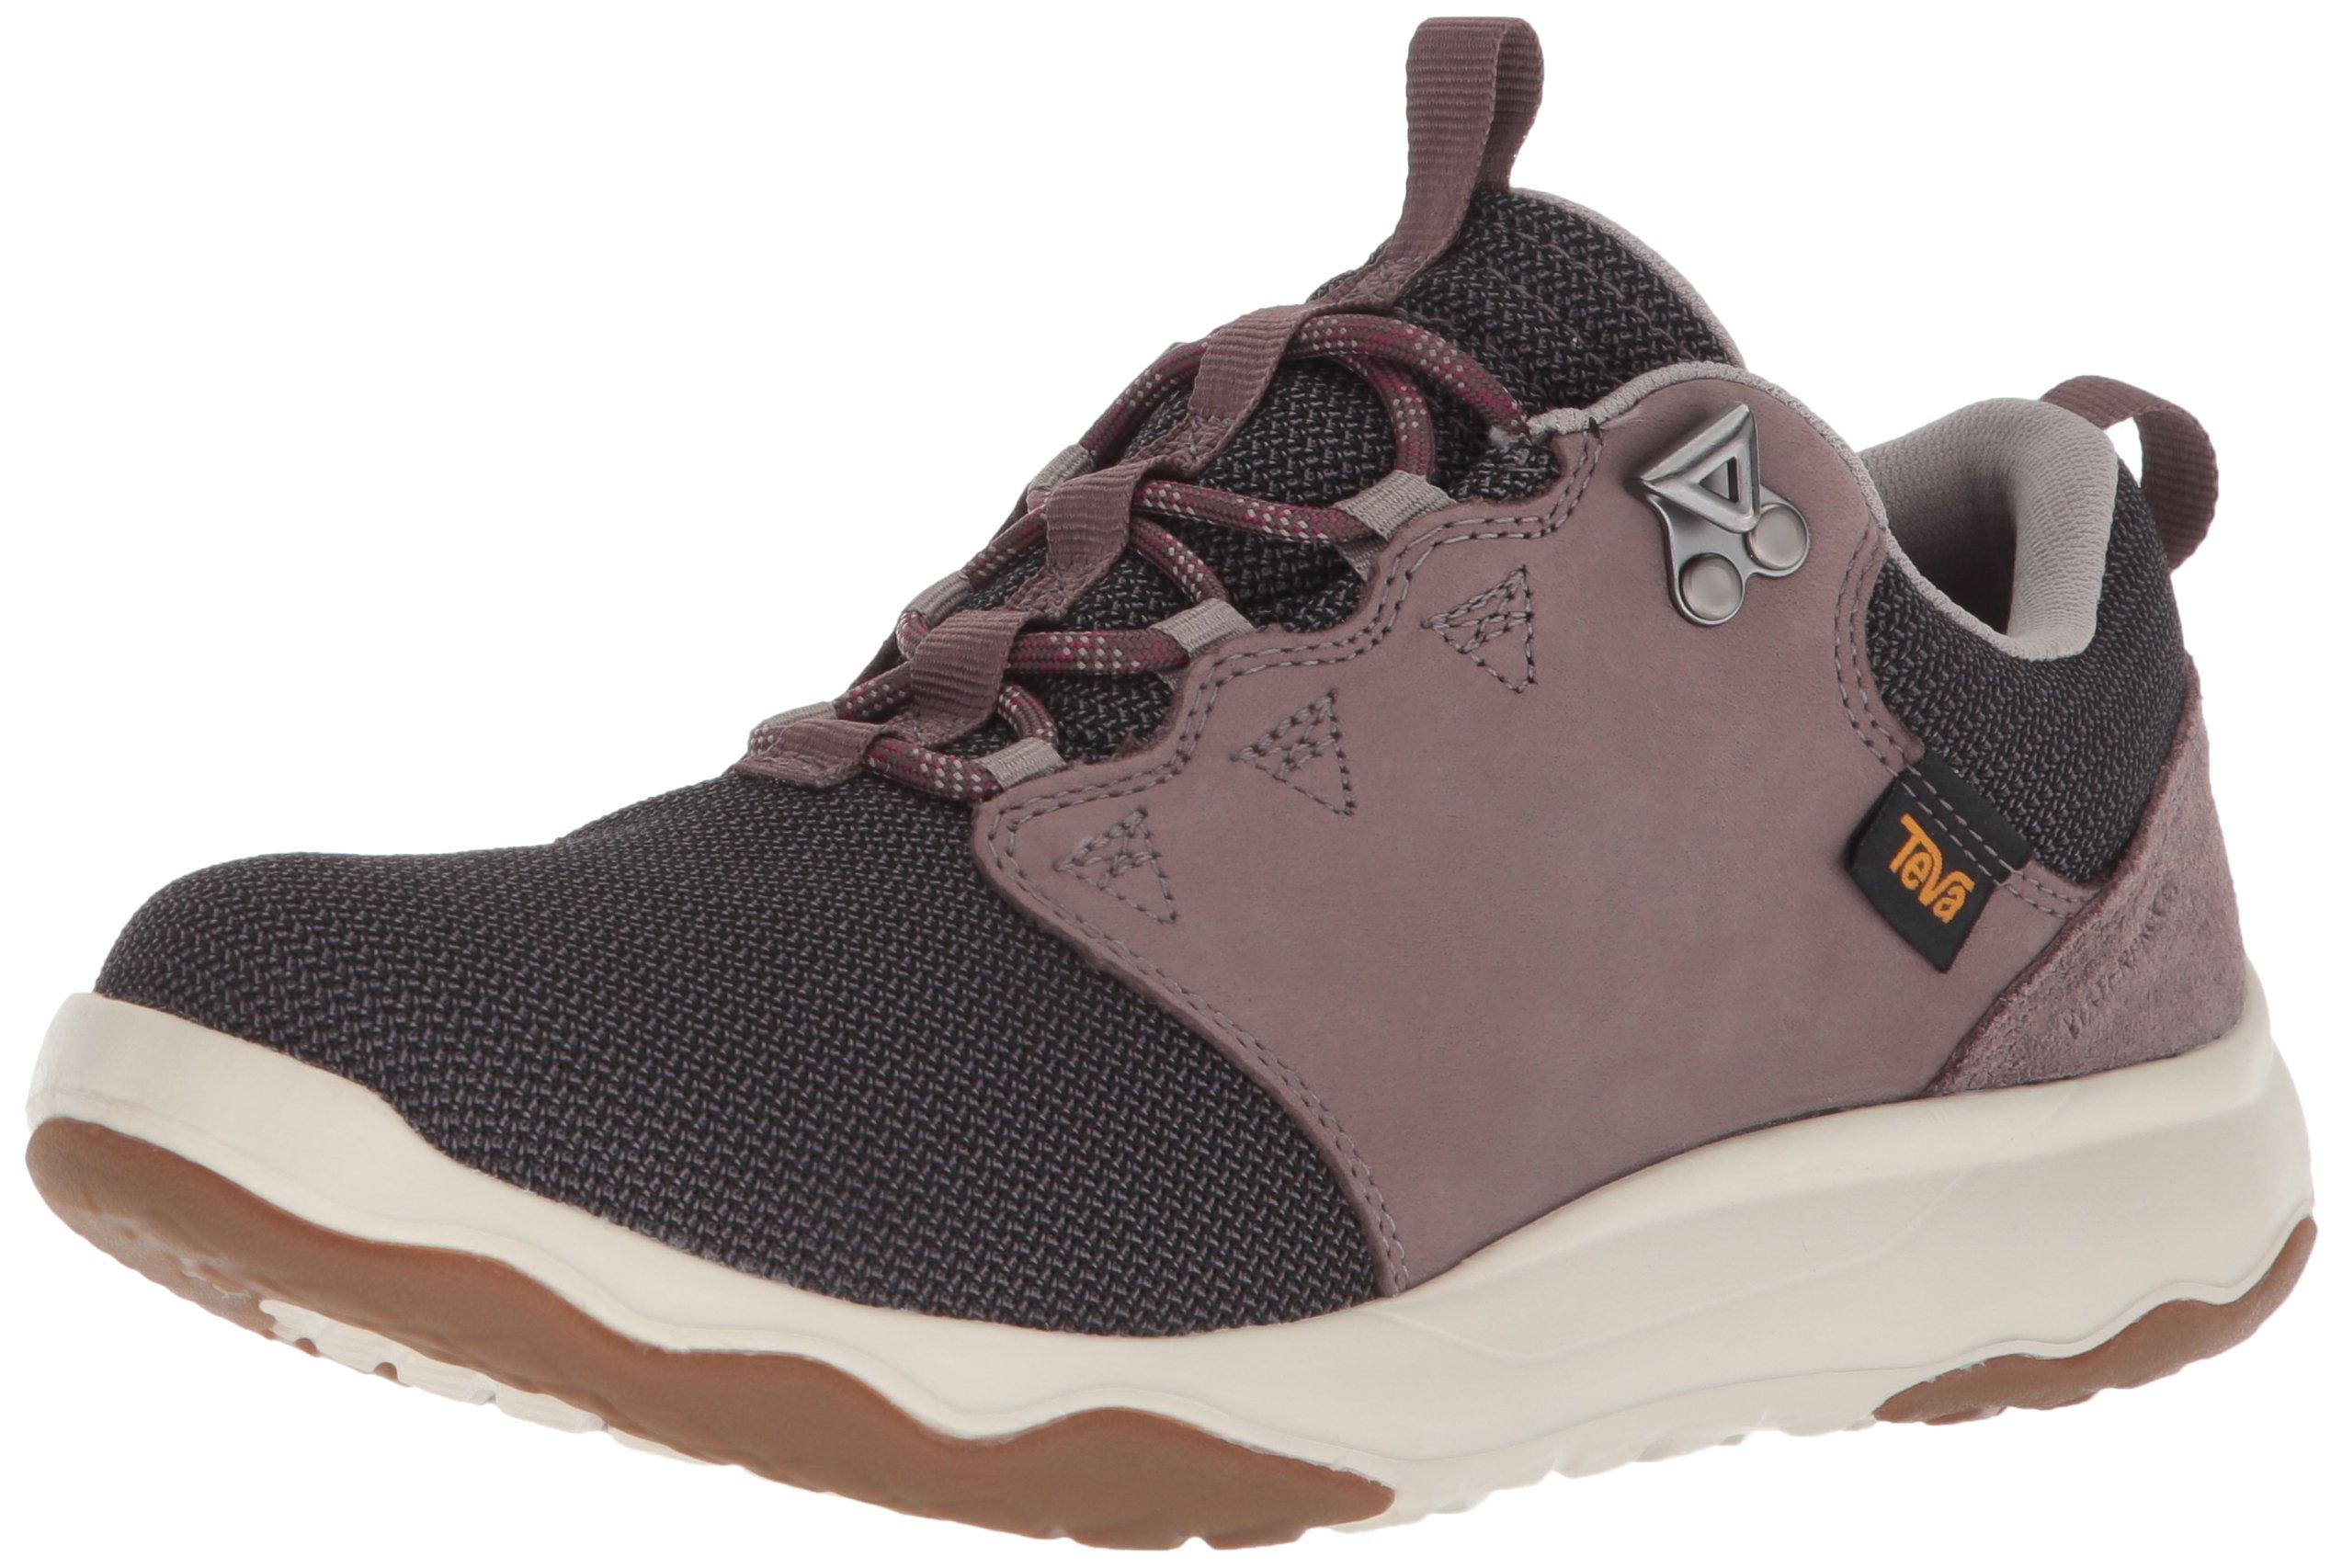 Teva Womens Women's W Arrowood Waterproof Hiking Shoe, Plum Truffle, 9 M US